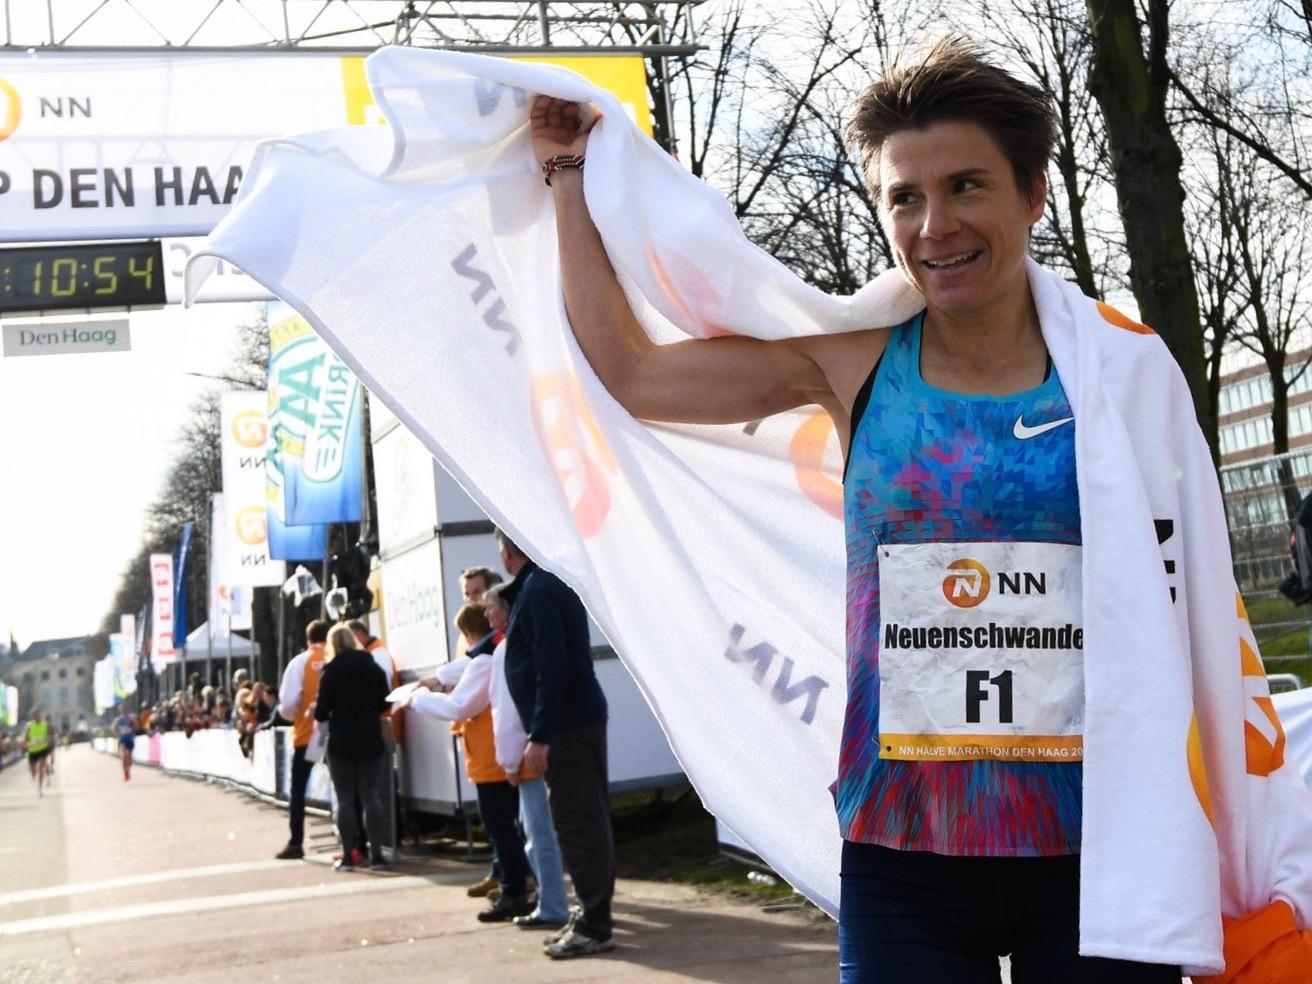 Maja Neuenschwander lässt sich nach dem Zieleinlauf beim Halbmarathon in Den Haag 2018, wo sie gewann, feiern